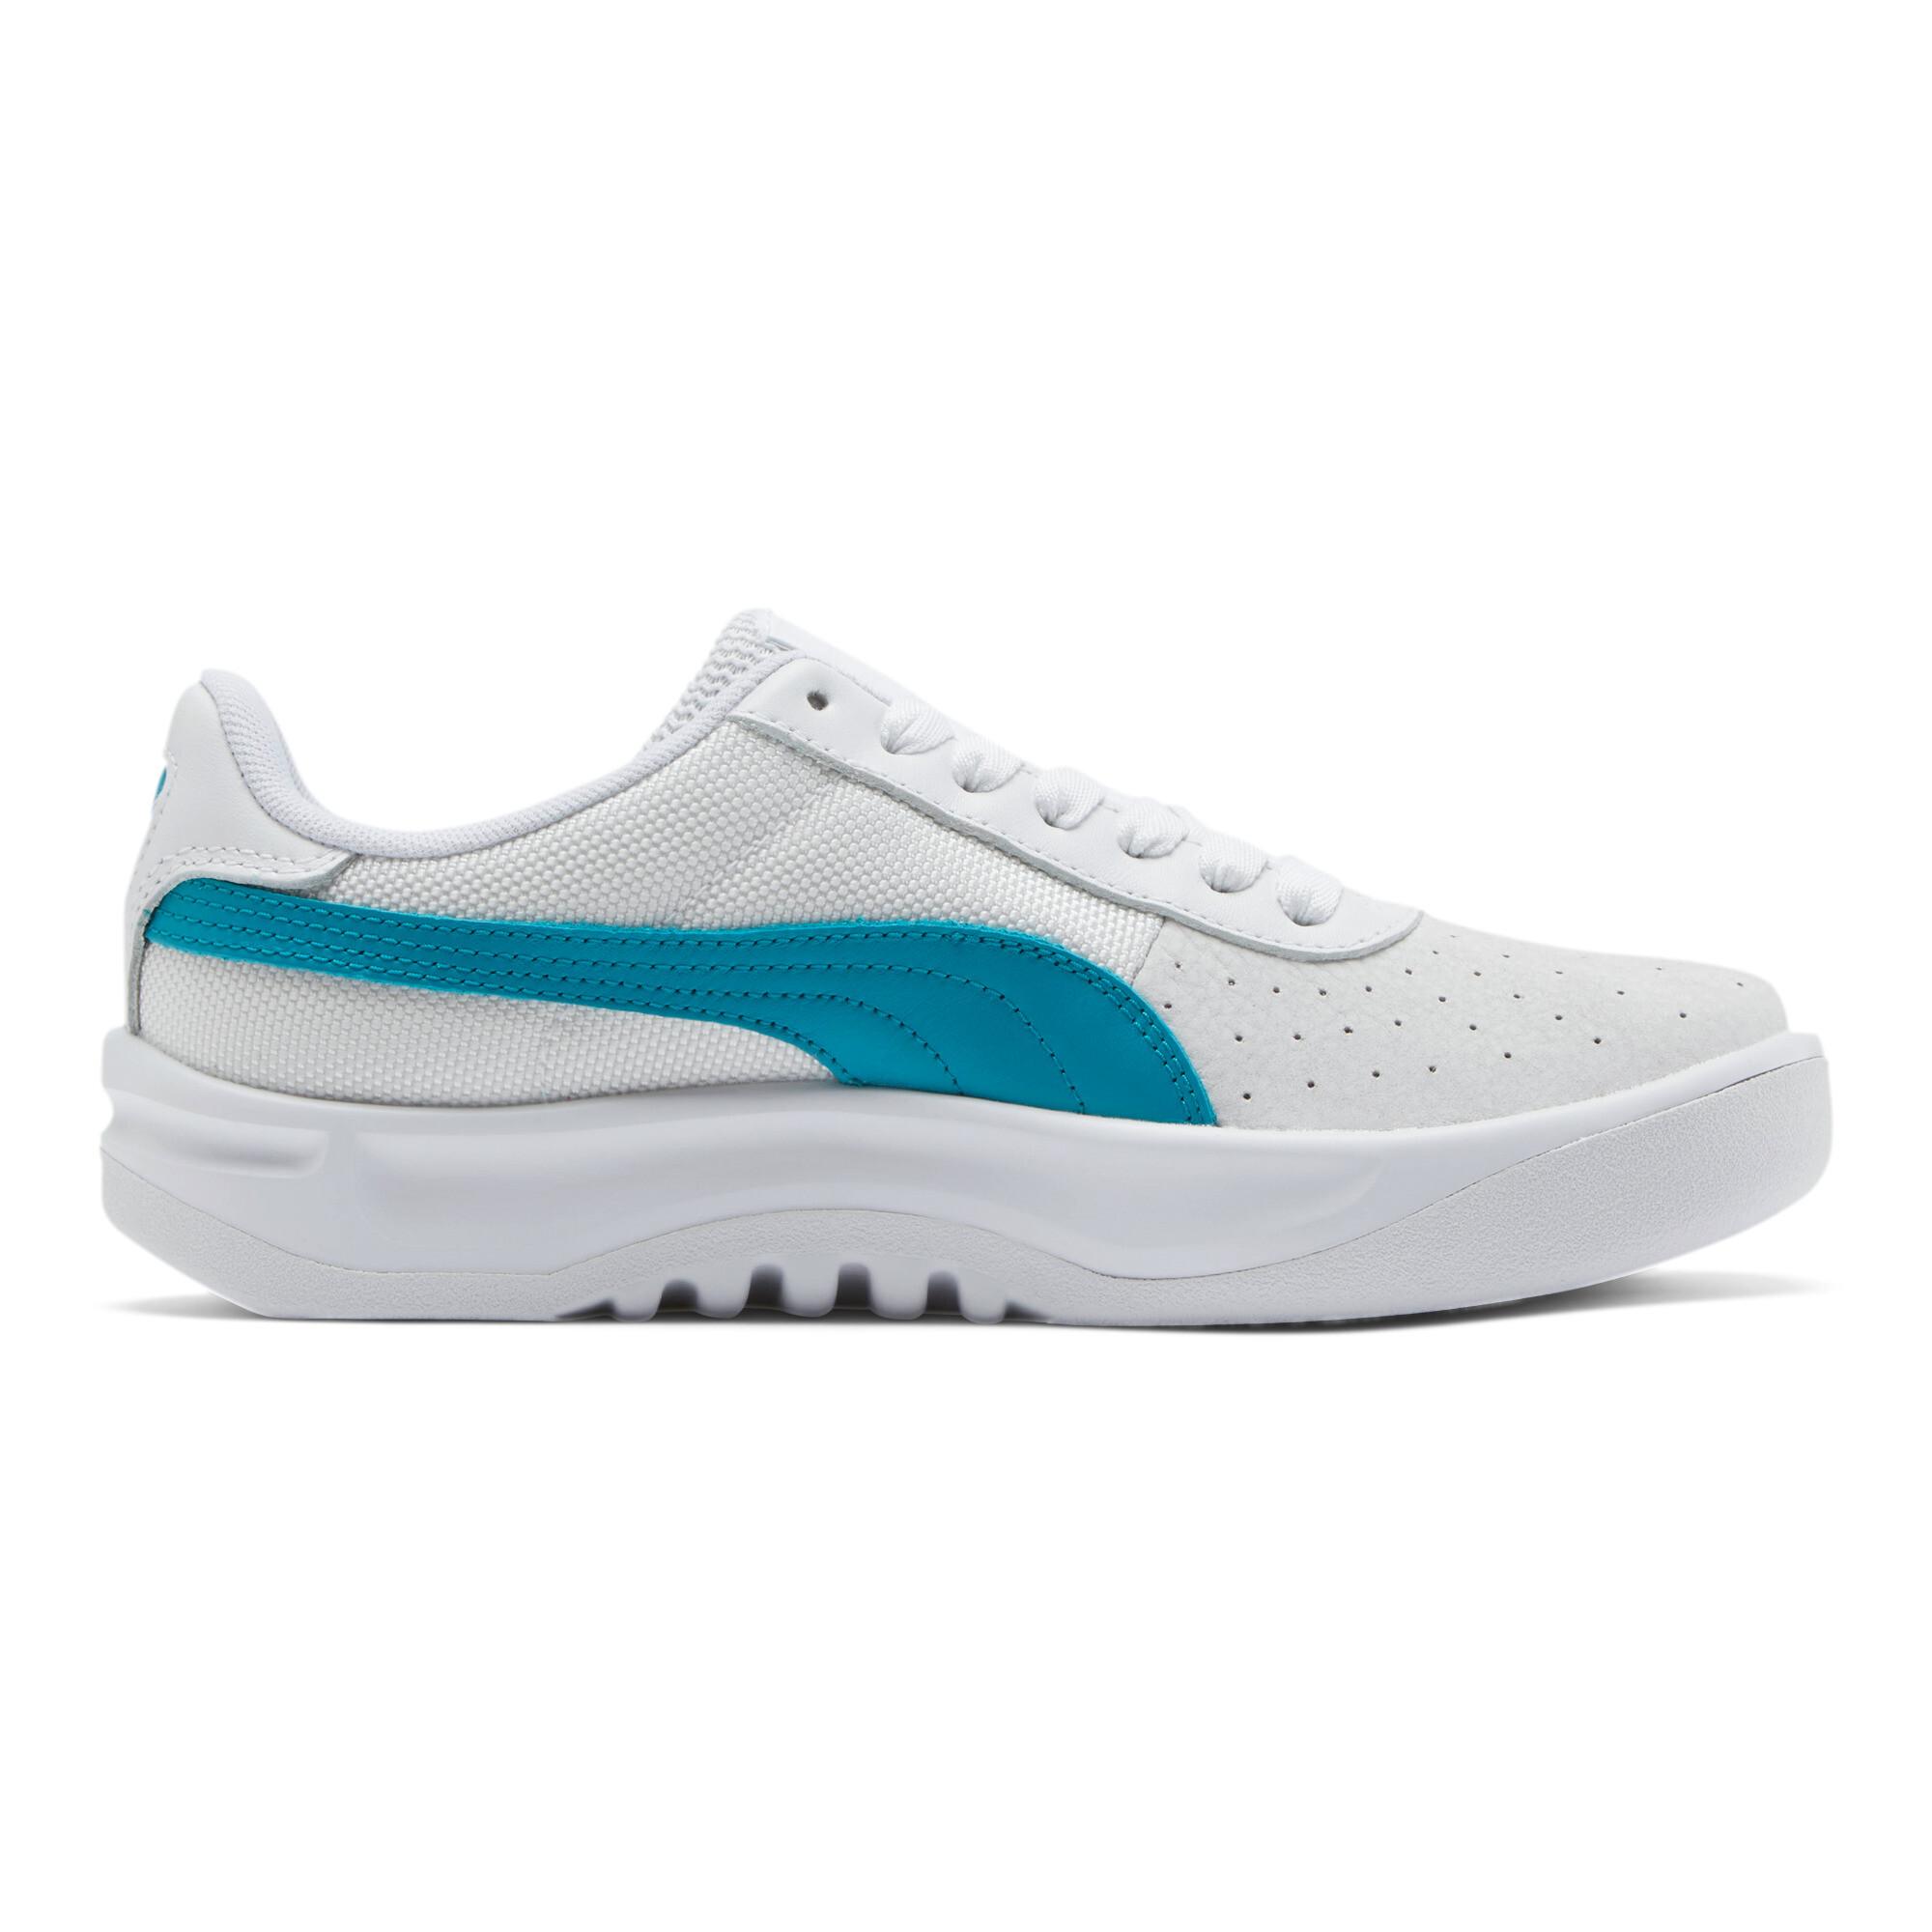 PUMA-California-Women-039-s-Sneakers-Women-Shoe-Sport-Classics thumbnail 23